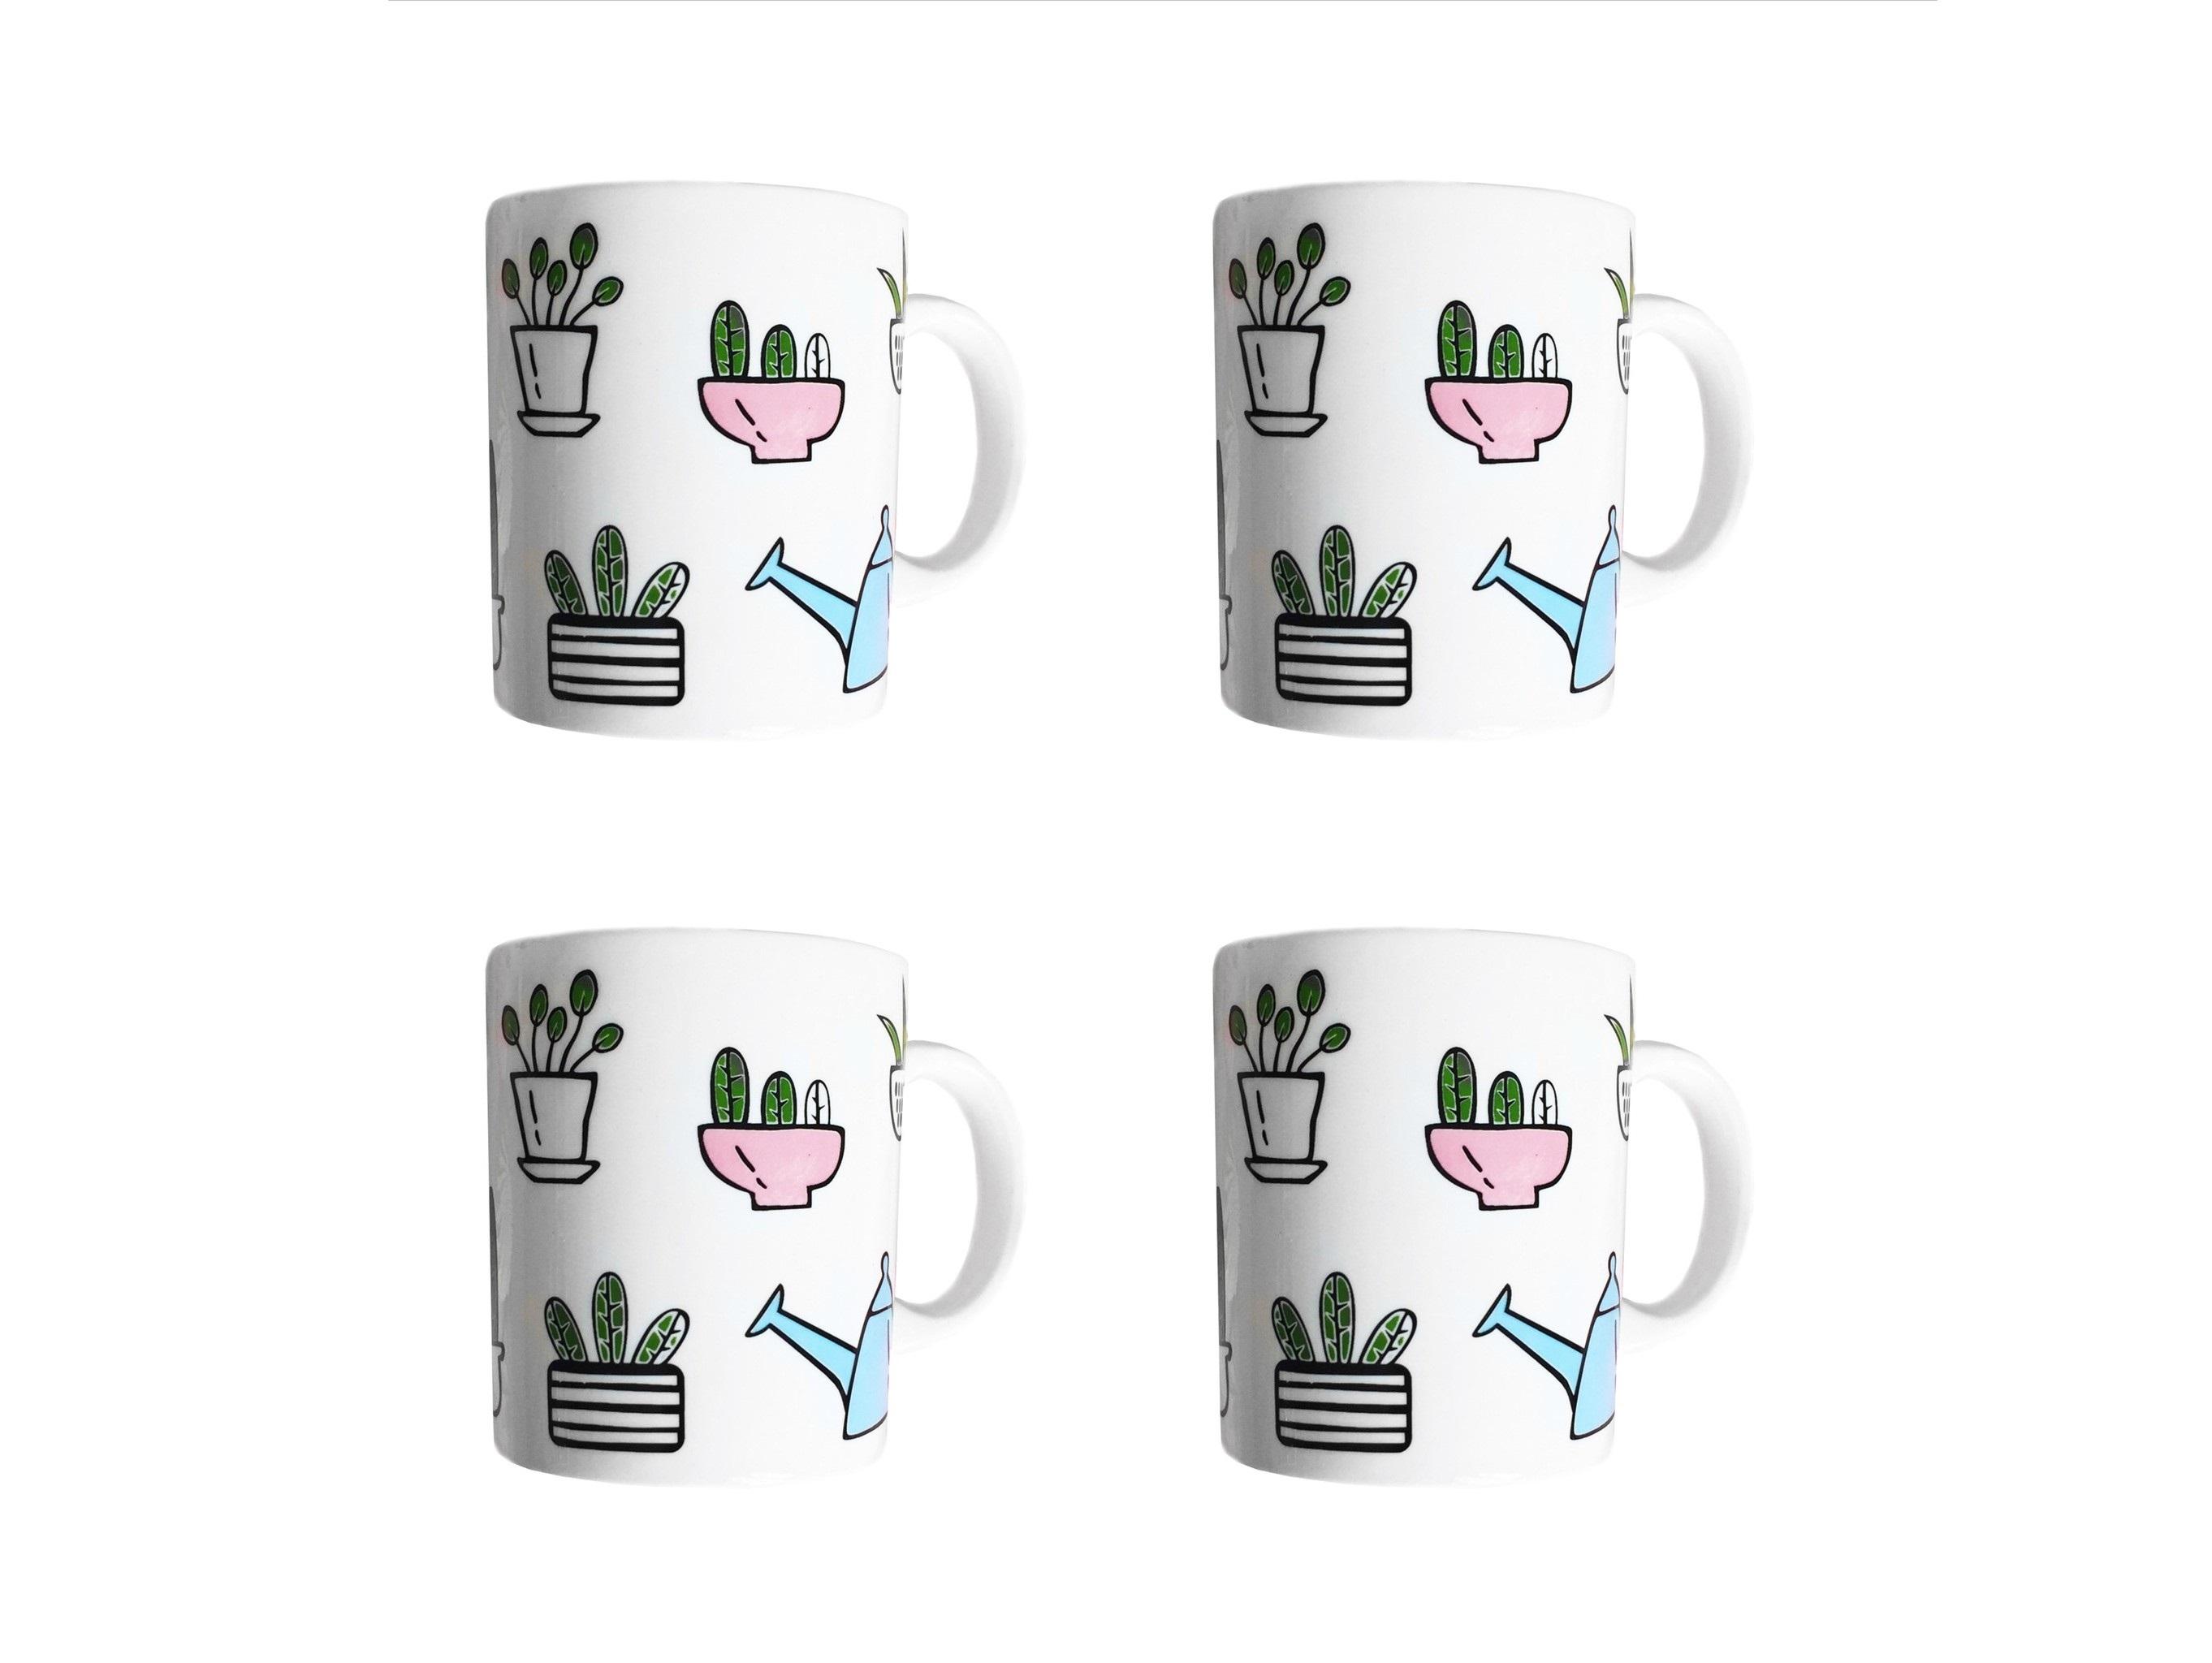 Набор кружек Домашний сад (4 шт)Чайные пары, чашки и кружки<br>Посуду можно использовать в микроволновой печи и посудомоечной машине.&amp;amp;nbsp;&amp;lt;div&amp;gt;&amp;lt;br&amp;gt;&amp;lt;/div&amp;gt;&amp;lt;div&amp;gt;В комплект входят: Кружка 300 мл - 4 шт.&amp;lt;/div&amp;gt;<br><br>Material: Фарфор<br>Высота см: 9